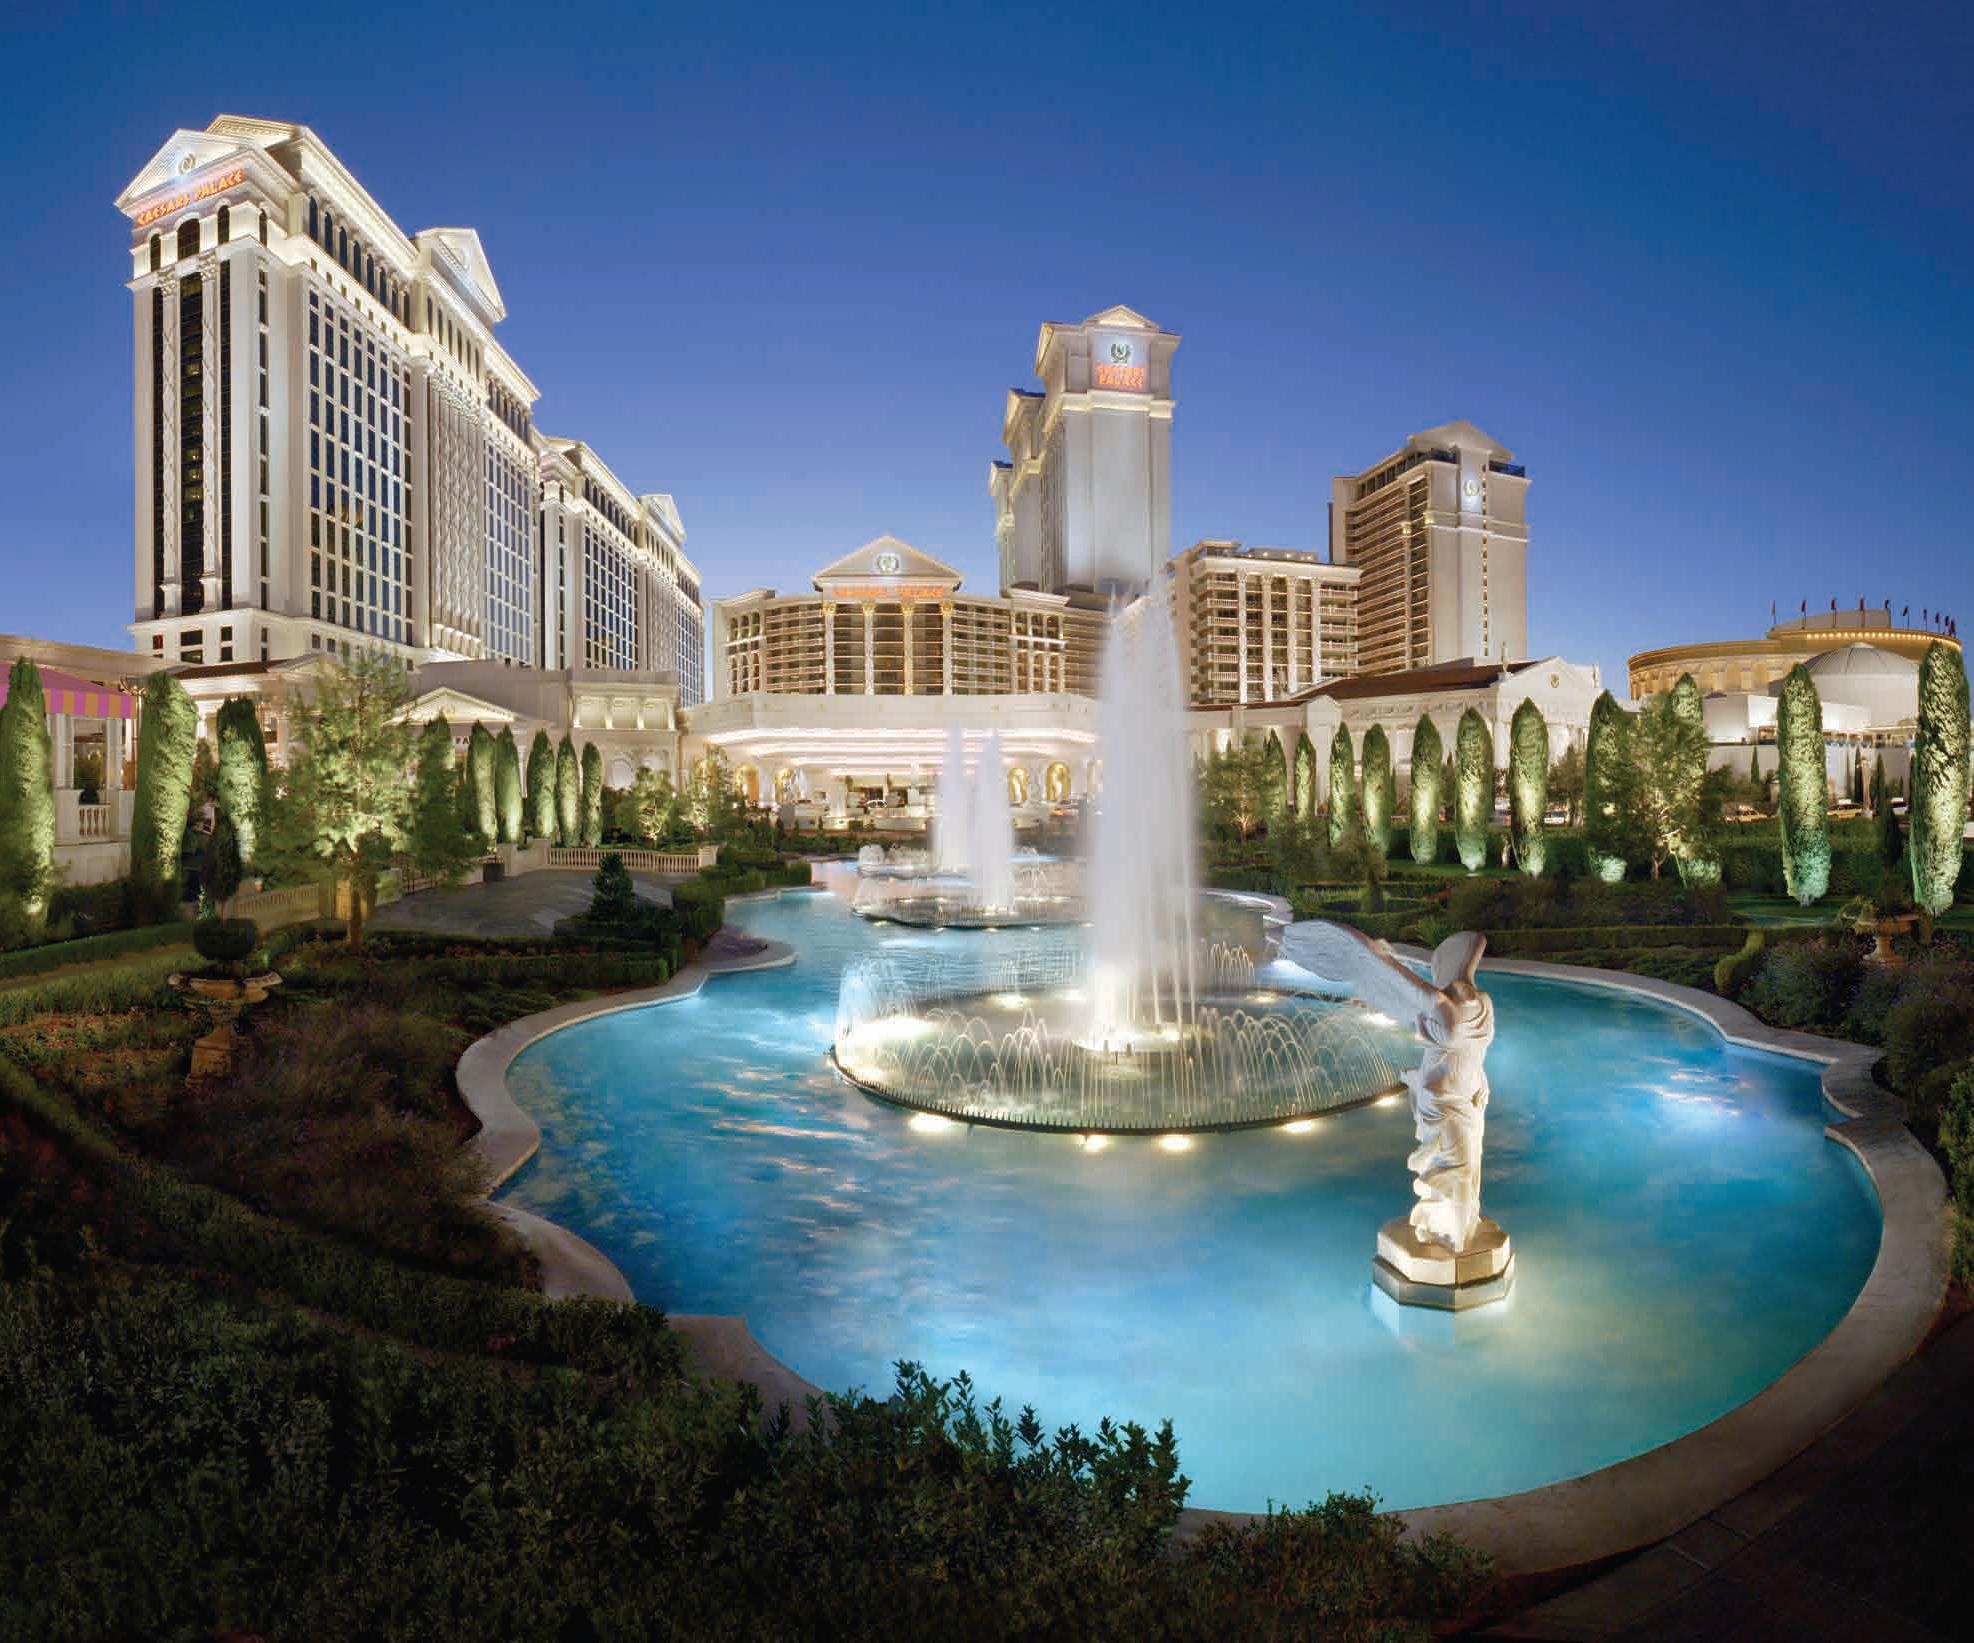 gratis krok upp Las Vegas dating webbplatser är de värt det